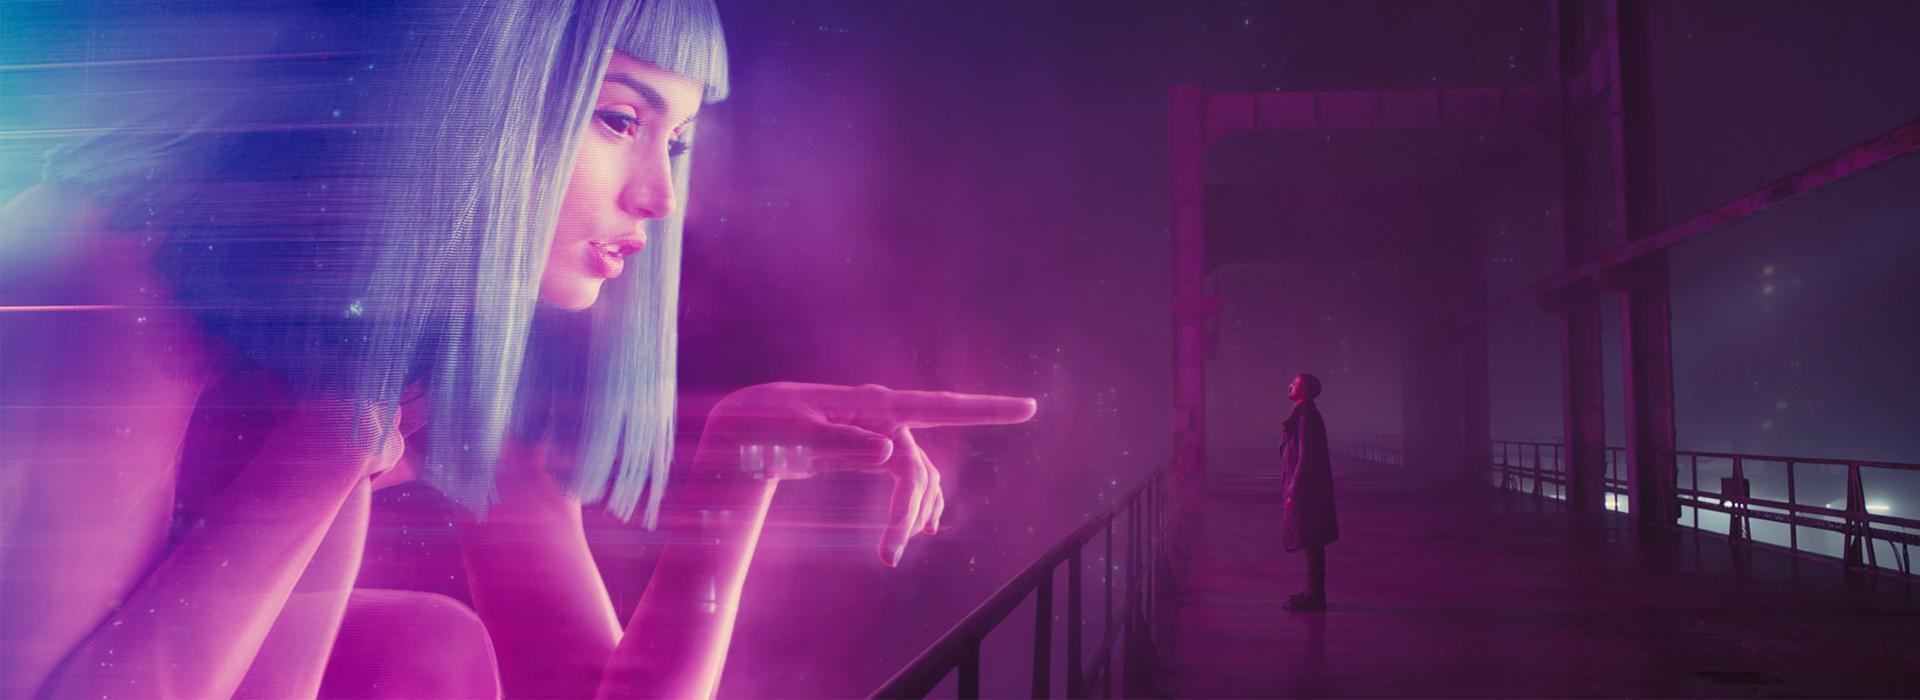 Blade-Runner-2049-slide